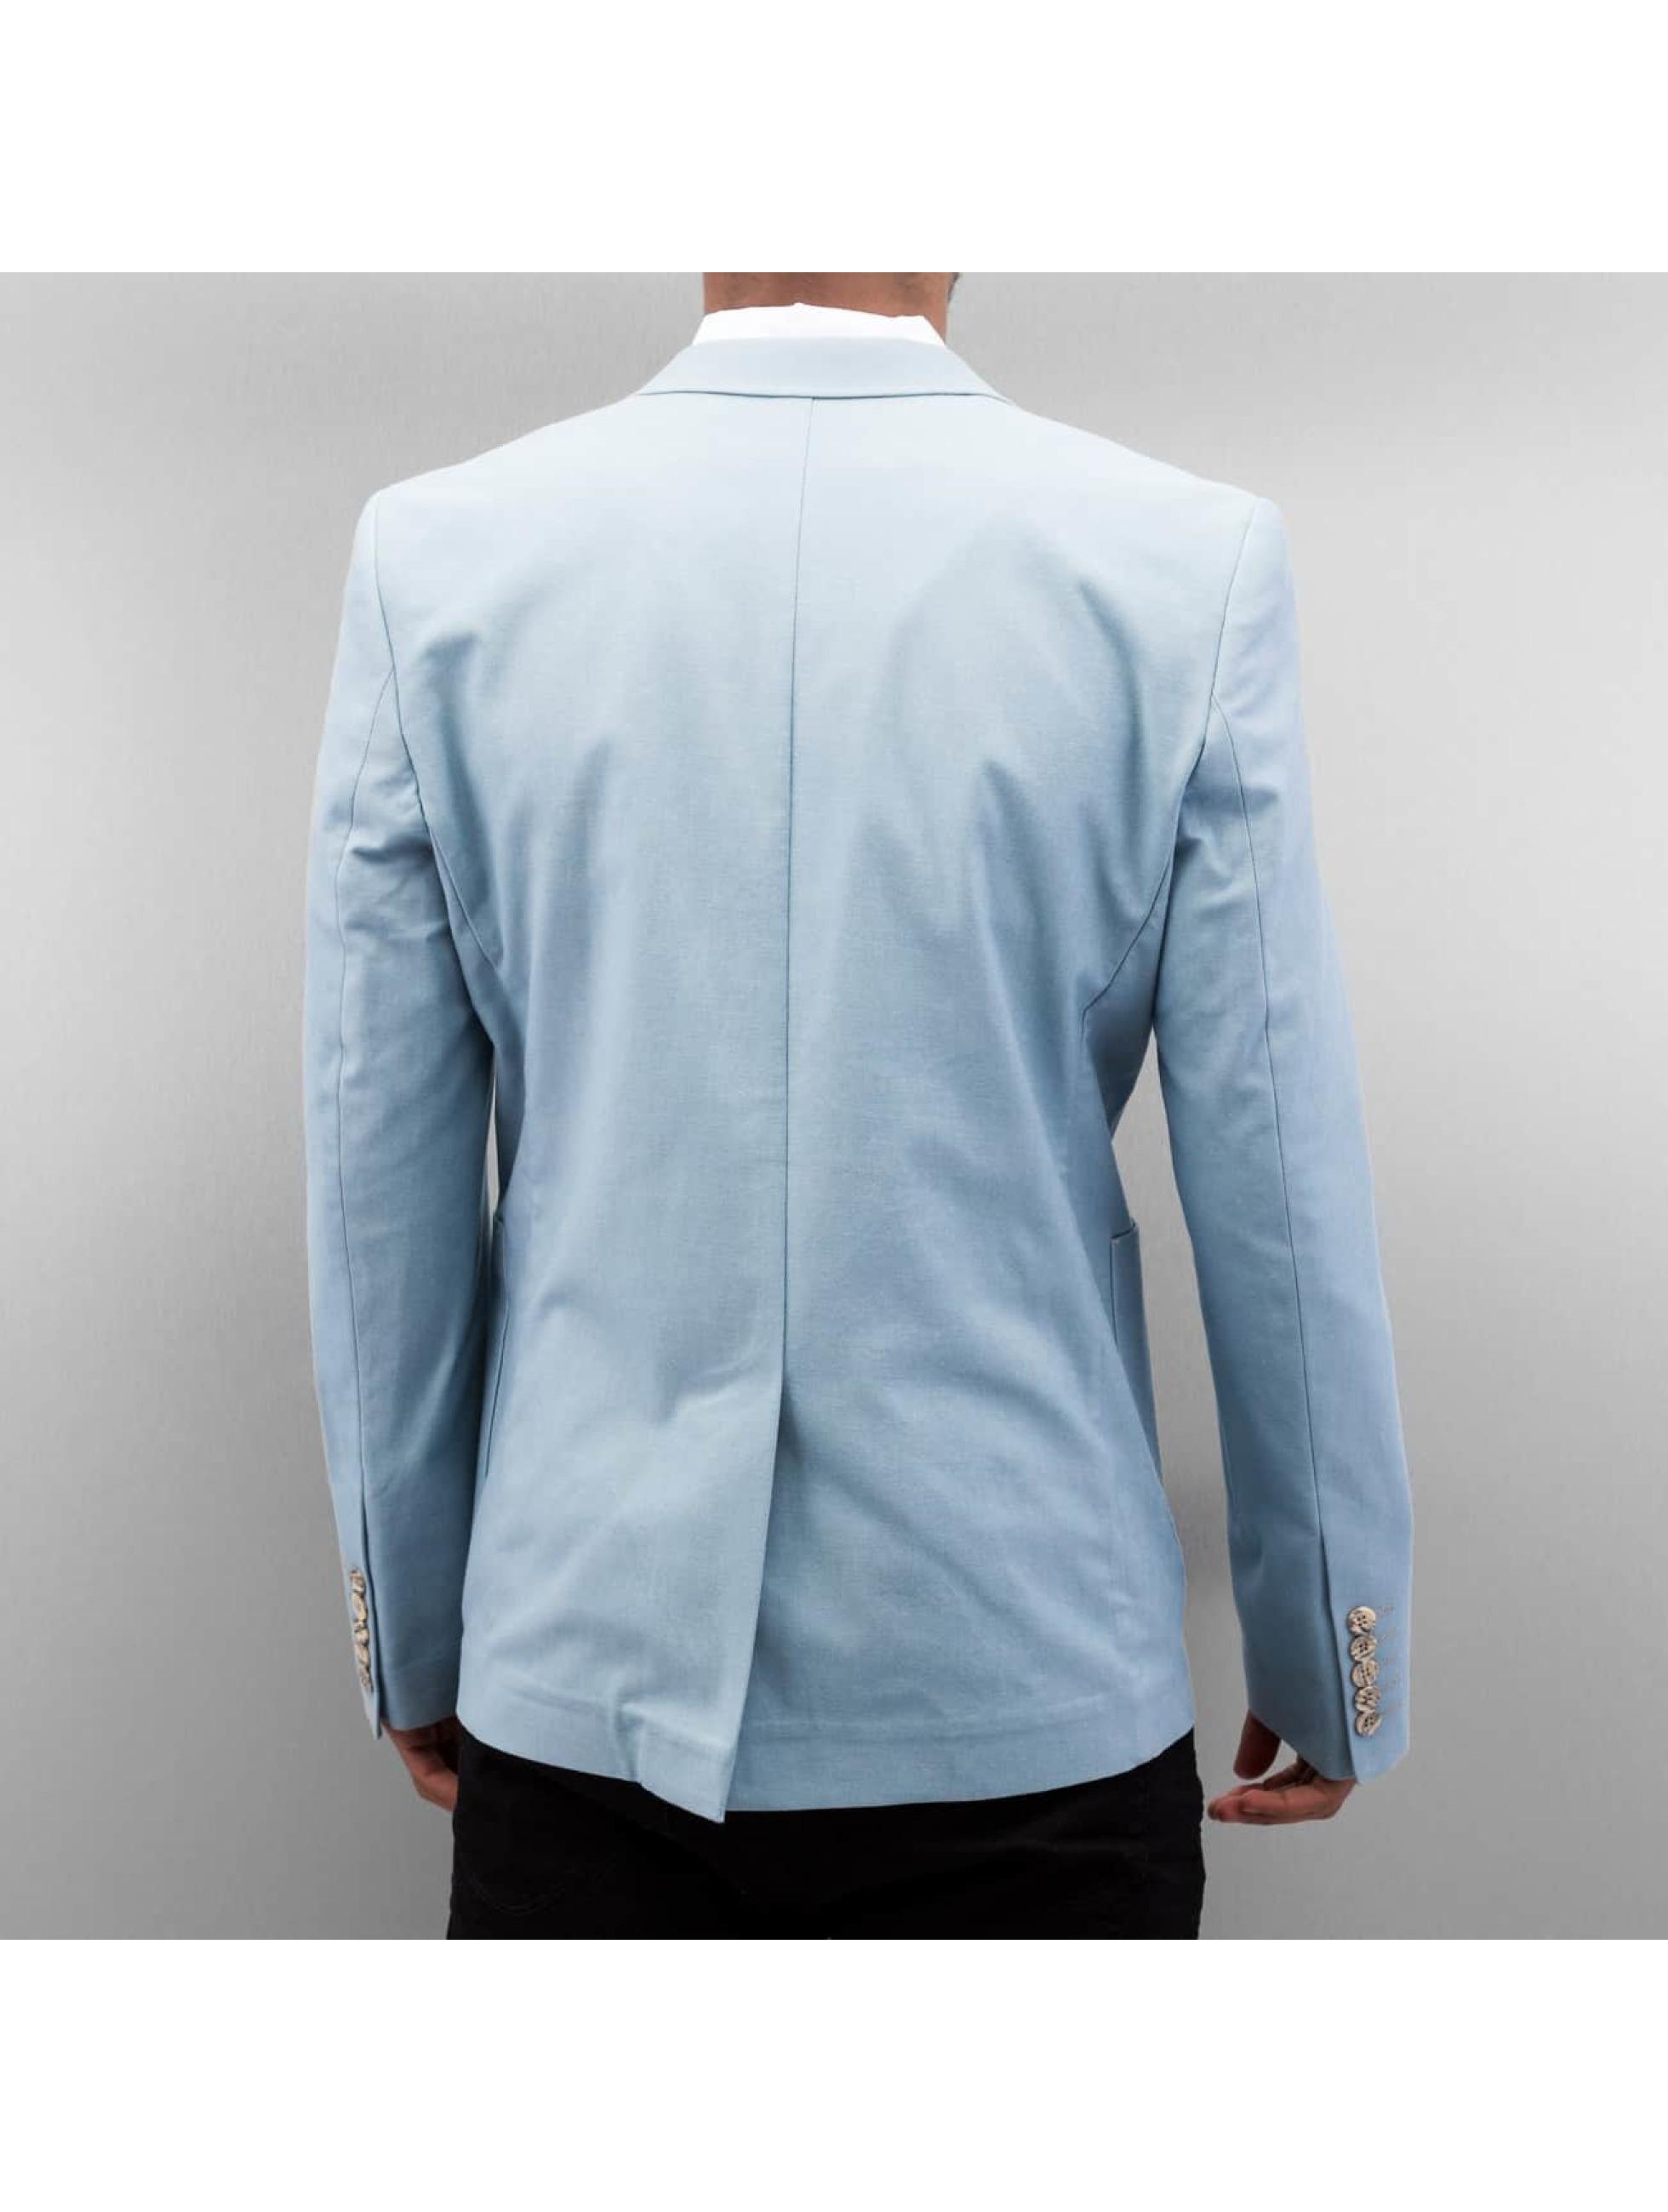 Open Coat/Jacket-1 Basic blue